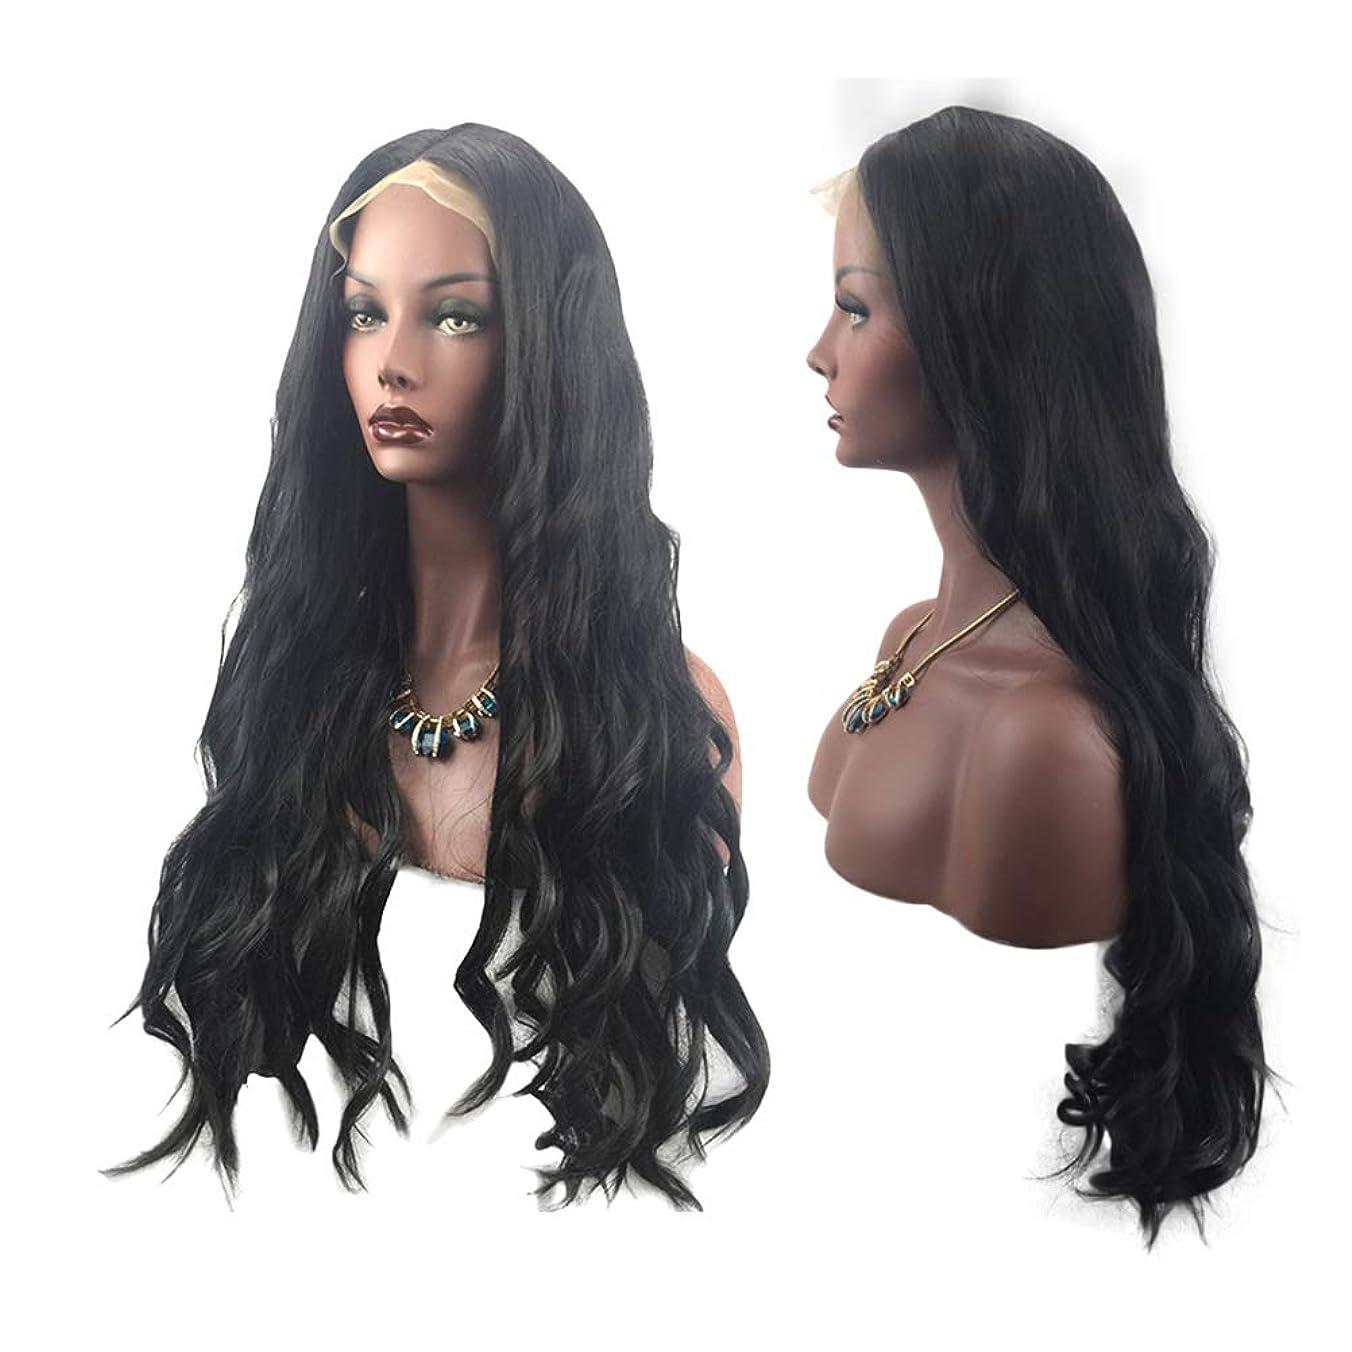 プロフィールホールド上記の頭と肩女性の長い巻き毛のファッション髪かつら自然に見える絶妙な弾性ネットかつらカバー(LS-019)